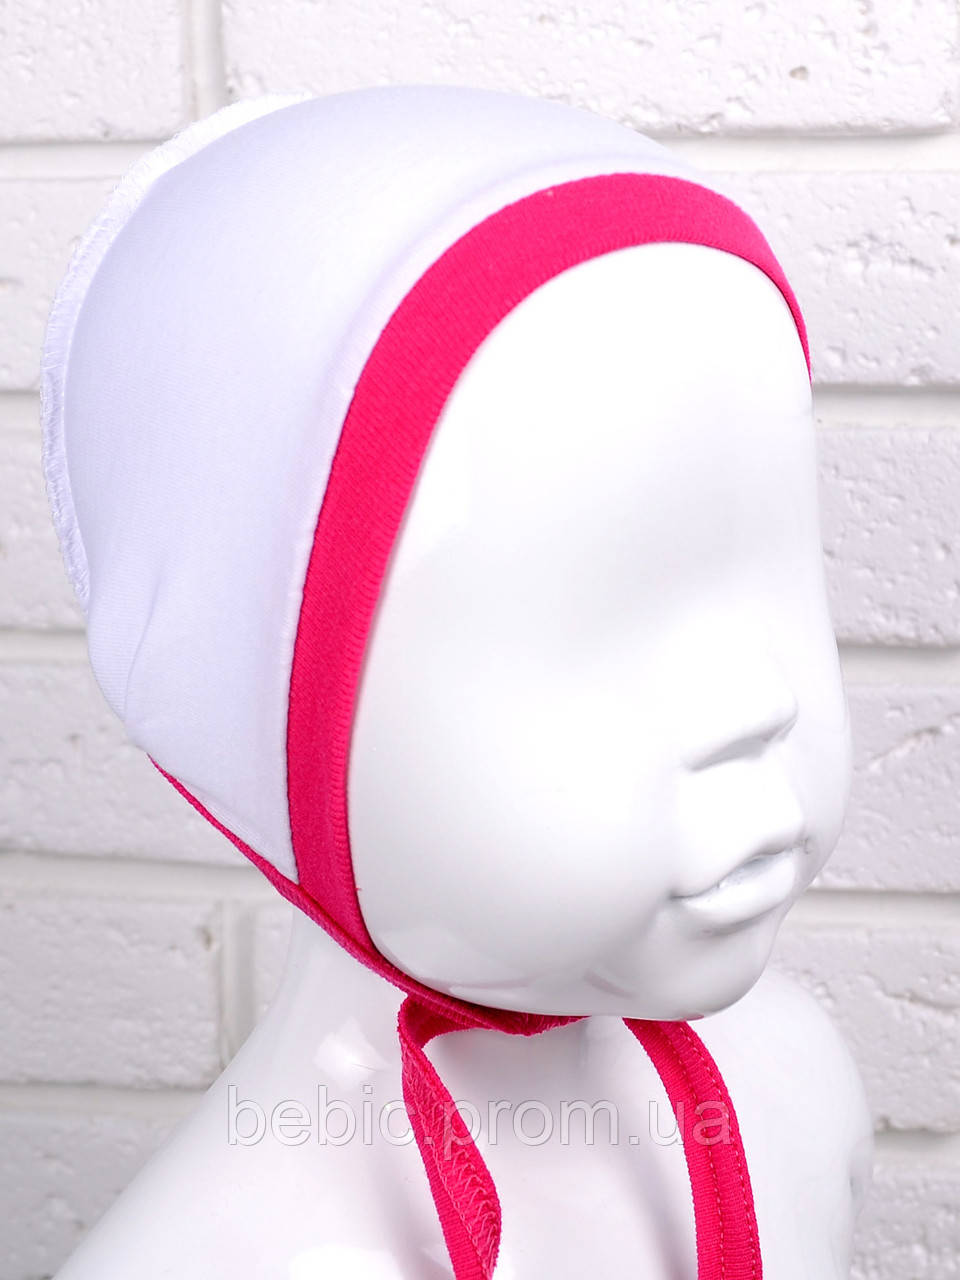 Чепчик для новорожденных кулир (8 цветов ) 100% хлопок  Размер:32 - 42 см